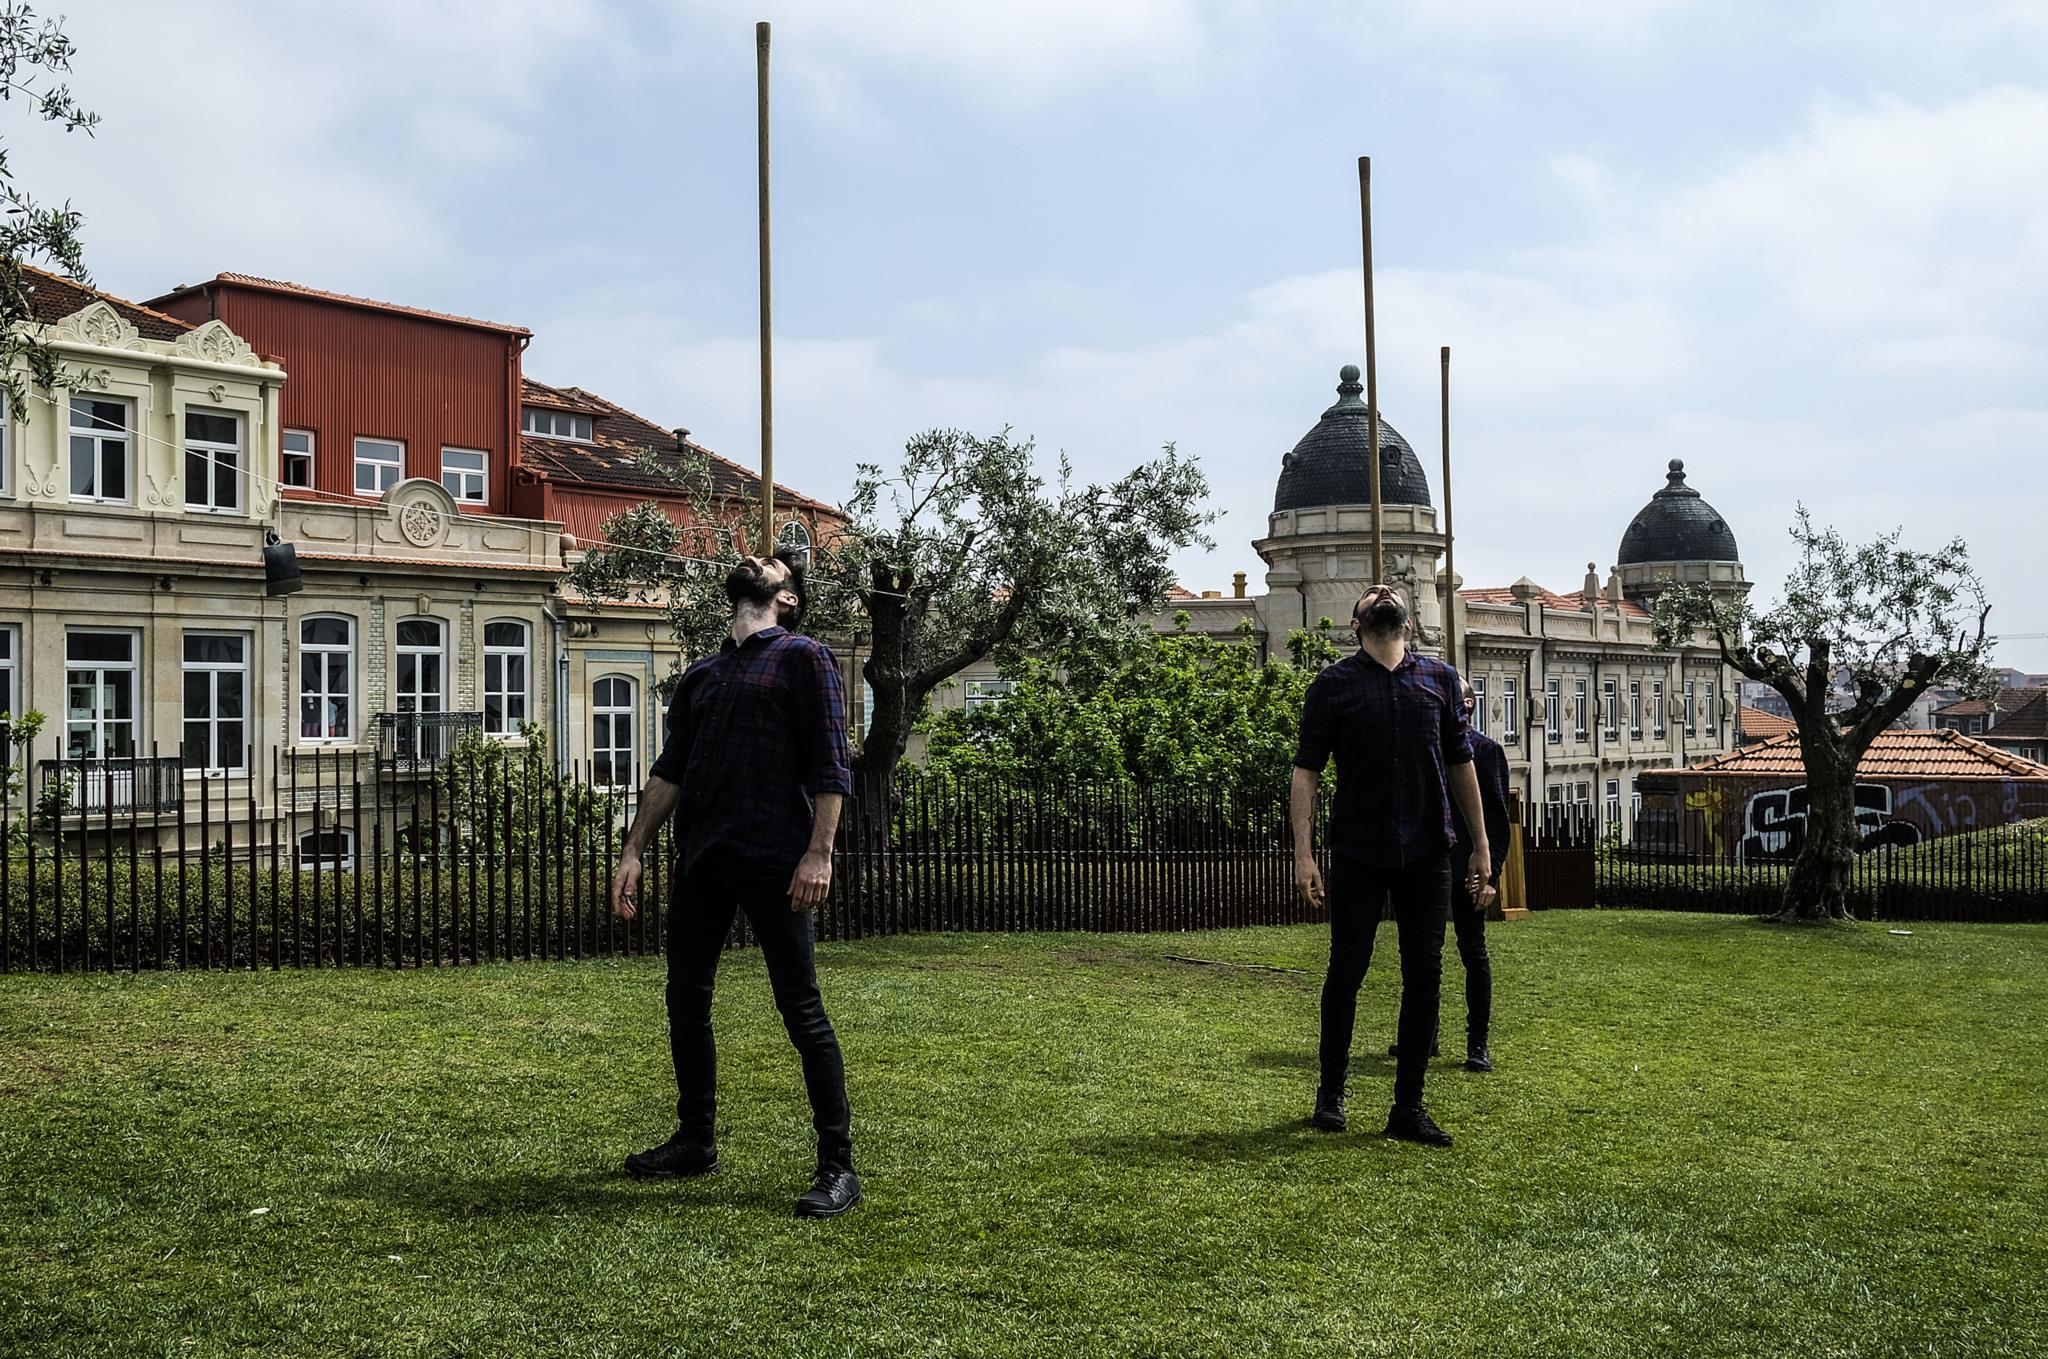 PÚBLICO - A enxada salta do campo para a cidade para nos fazer parar (e pensar)